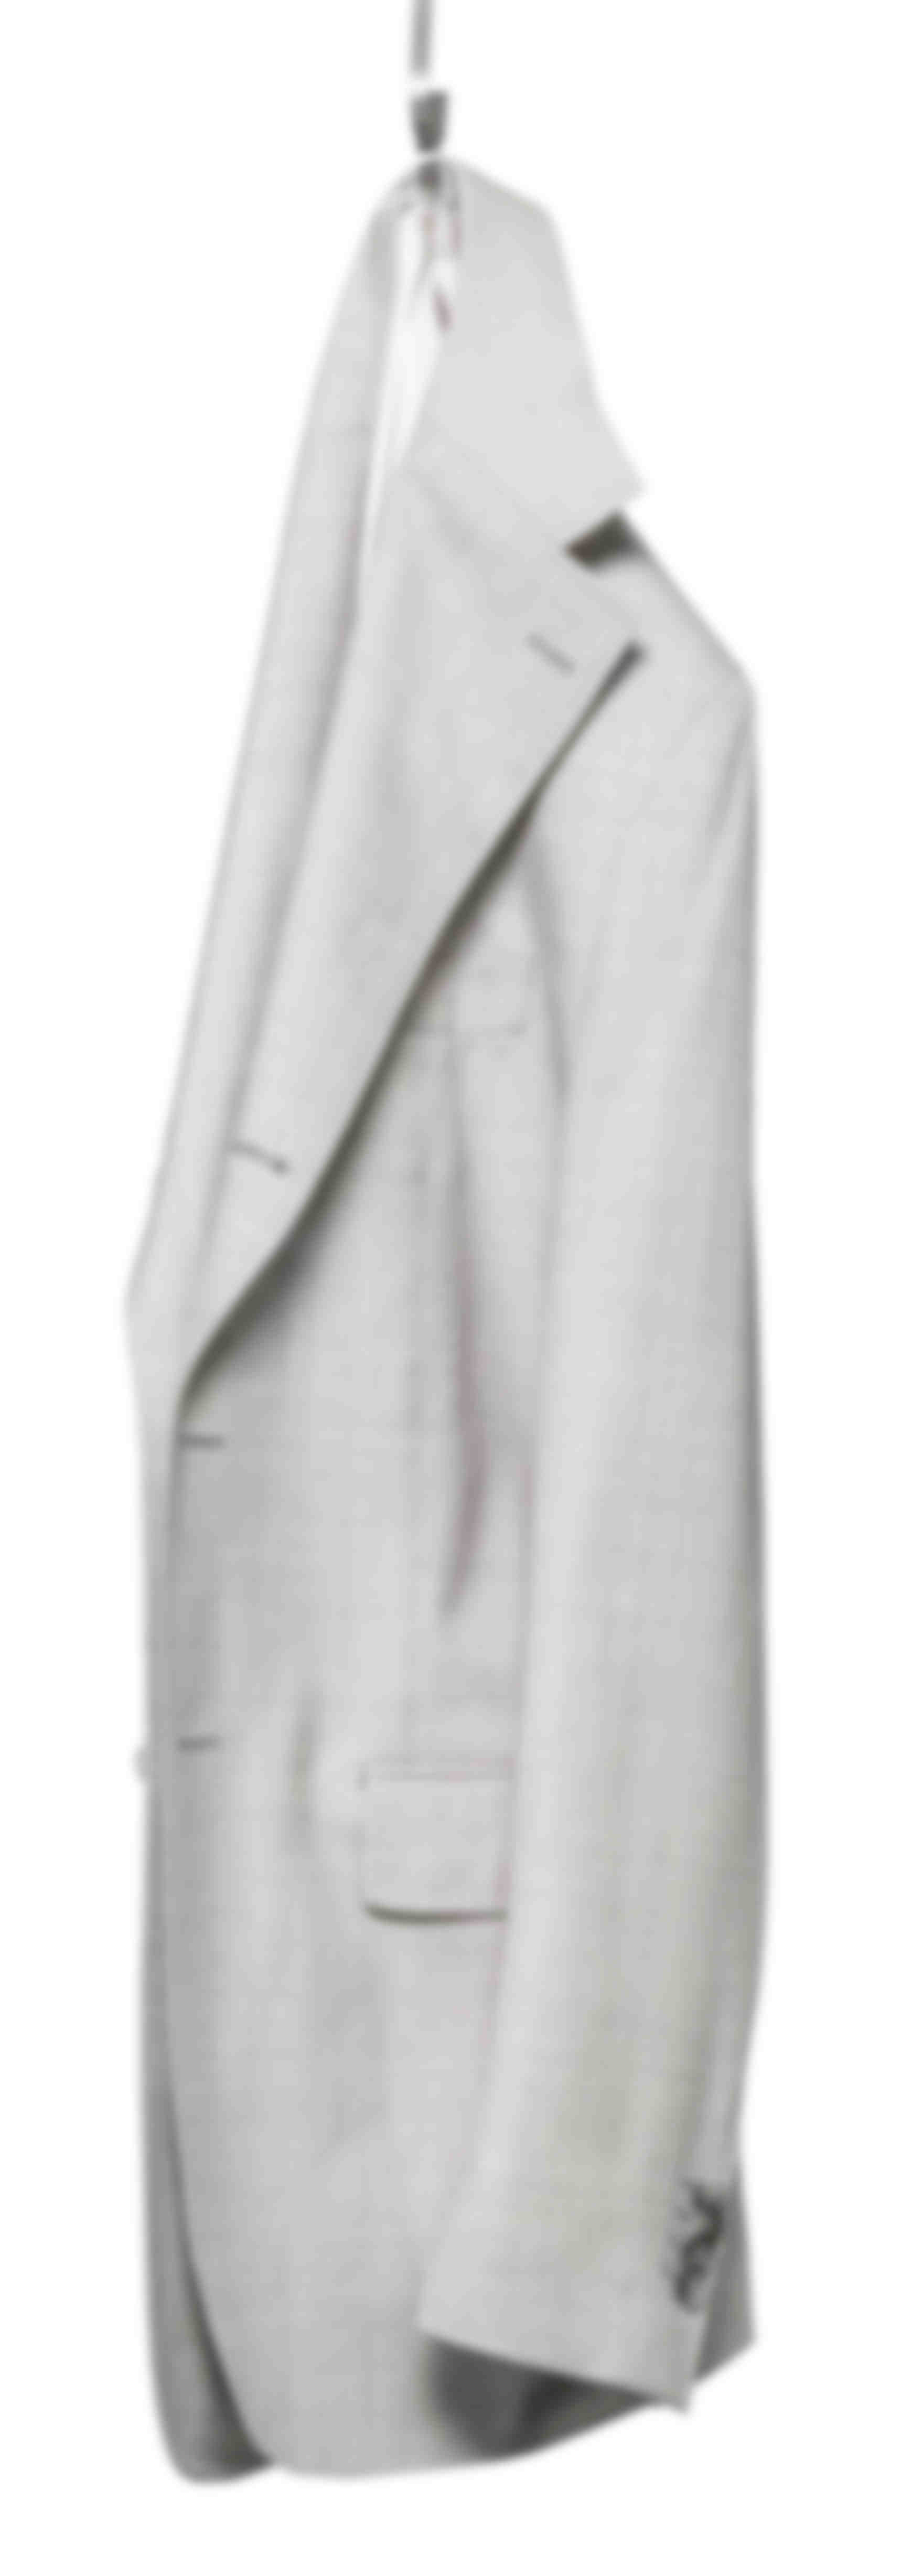 Veste déconstruite grise claire Atelier Mesure suspendue